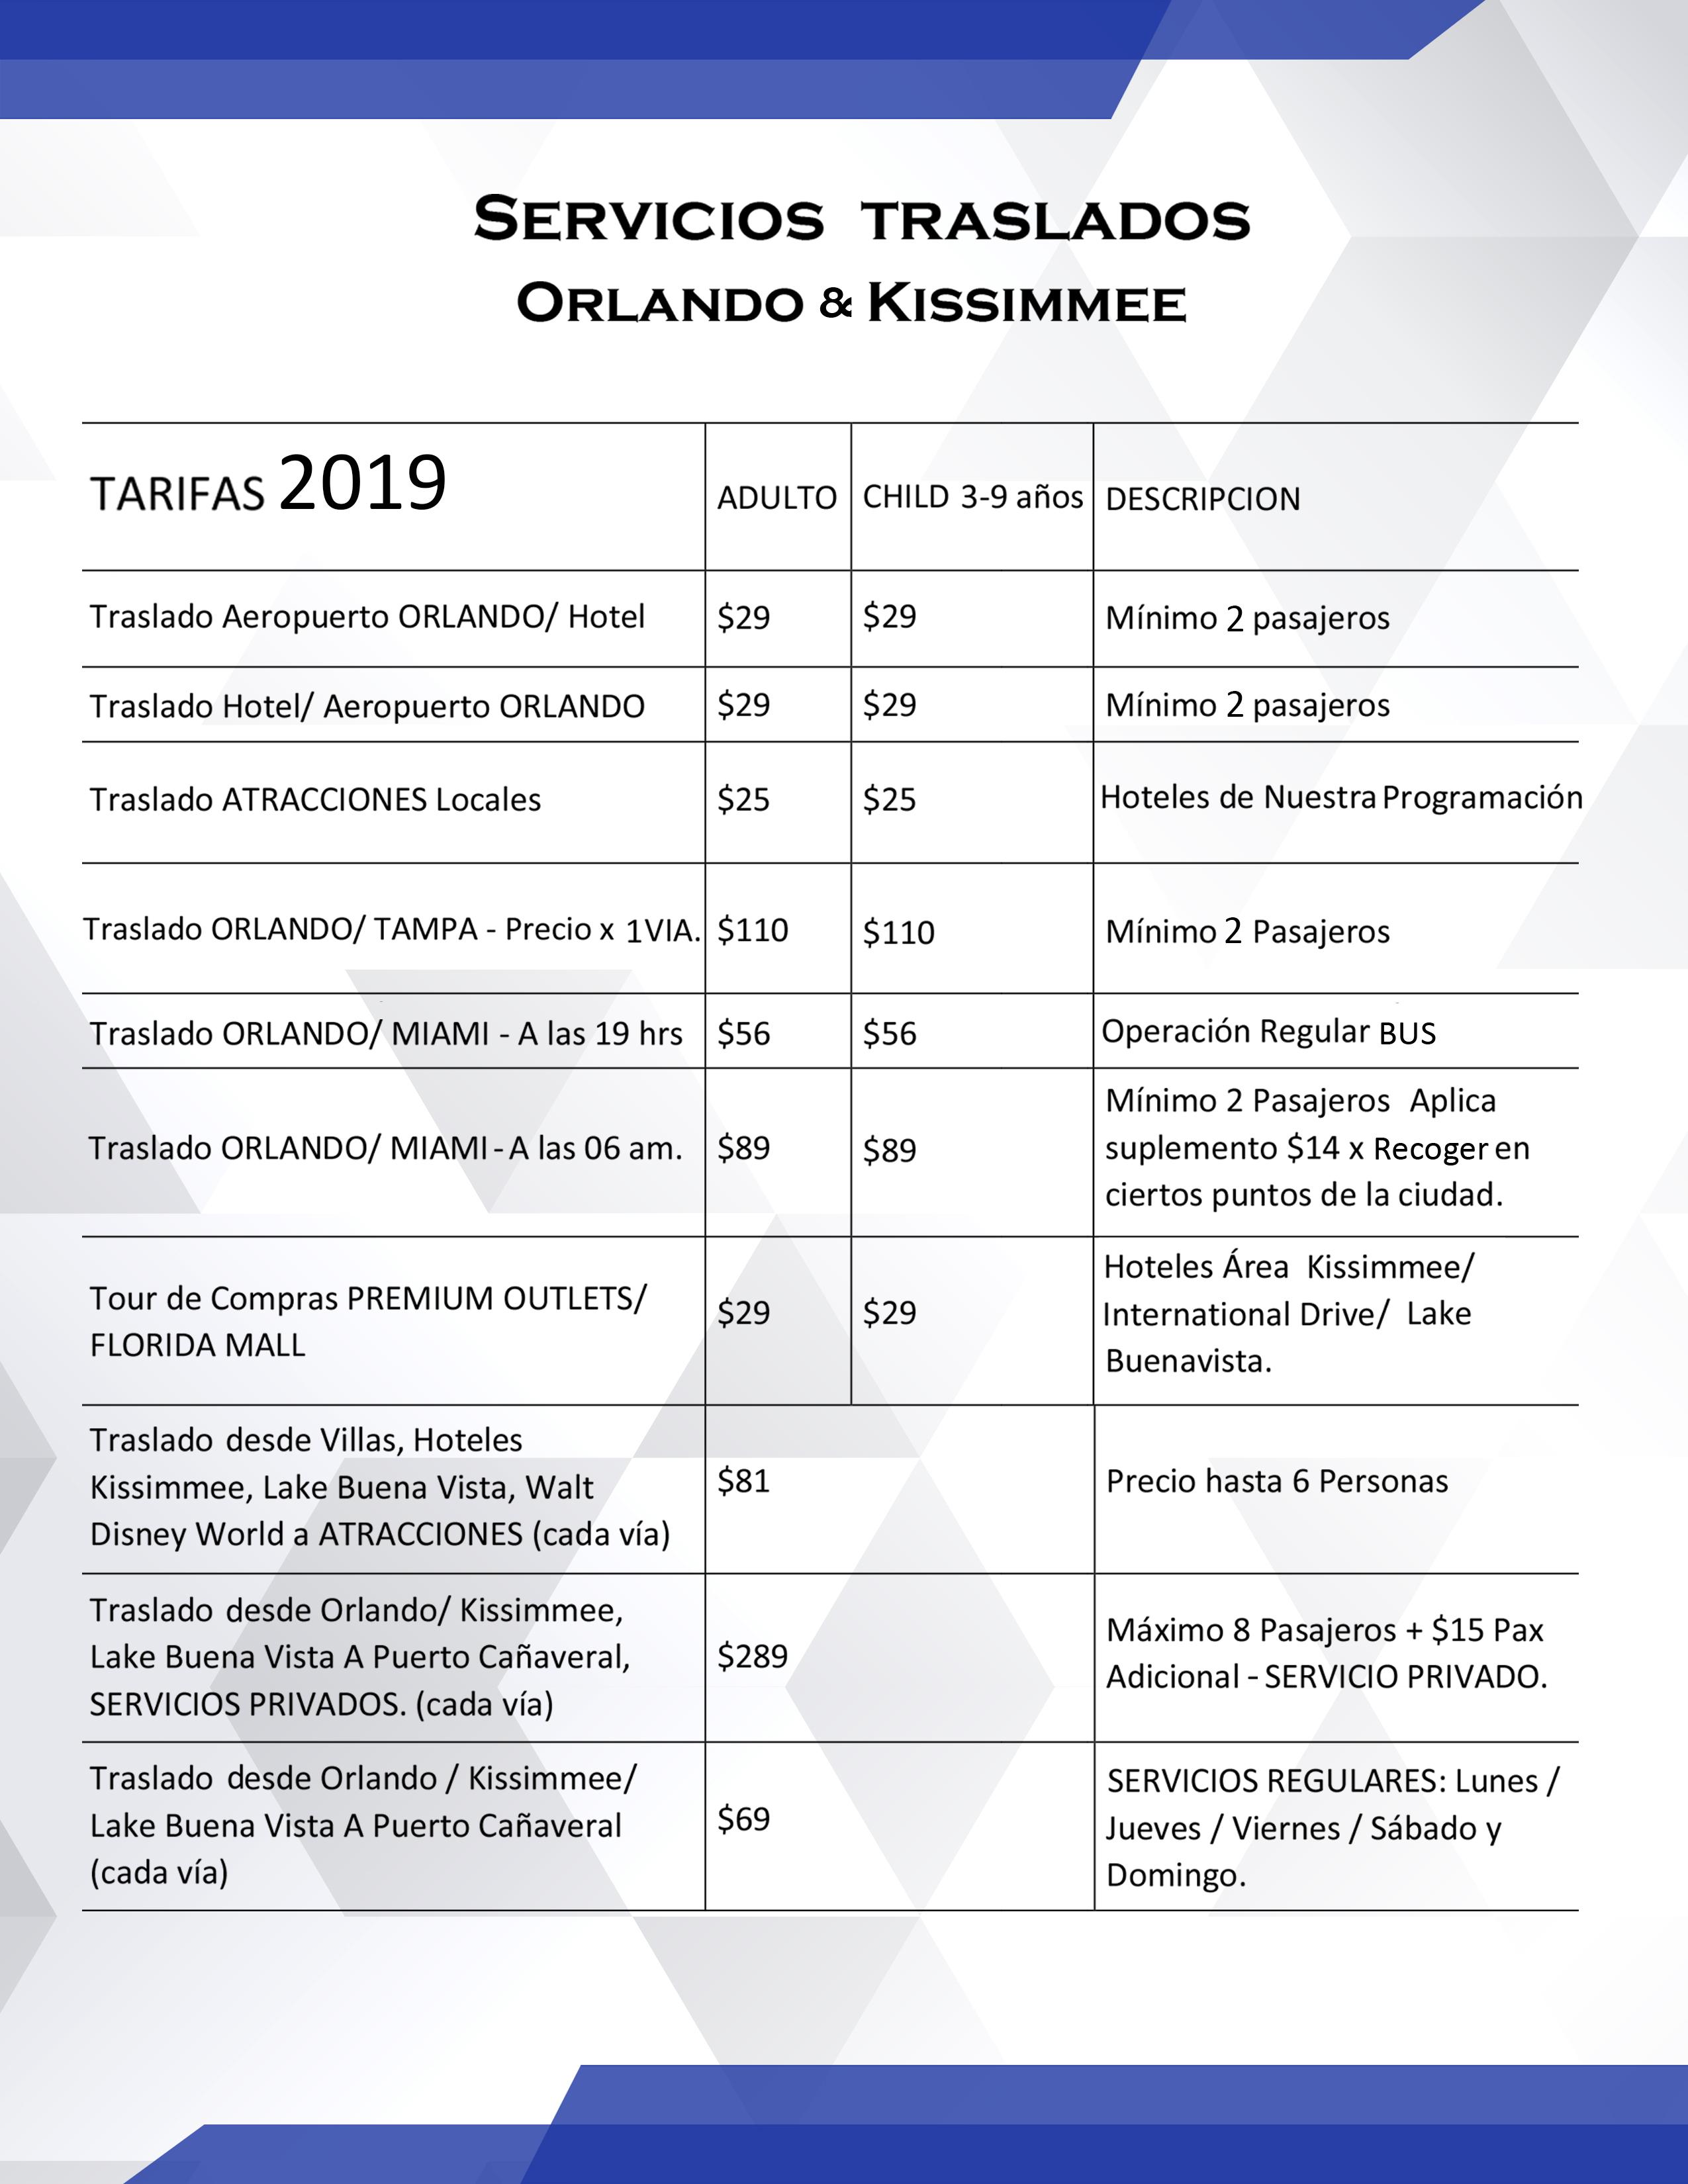 servicios + traslados Orlando + Kissimmee1